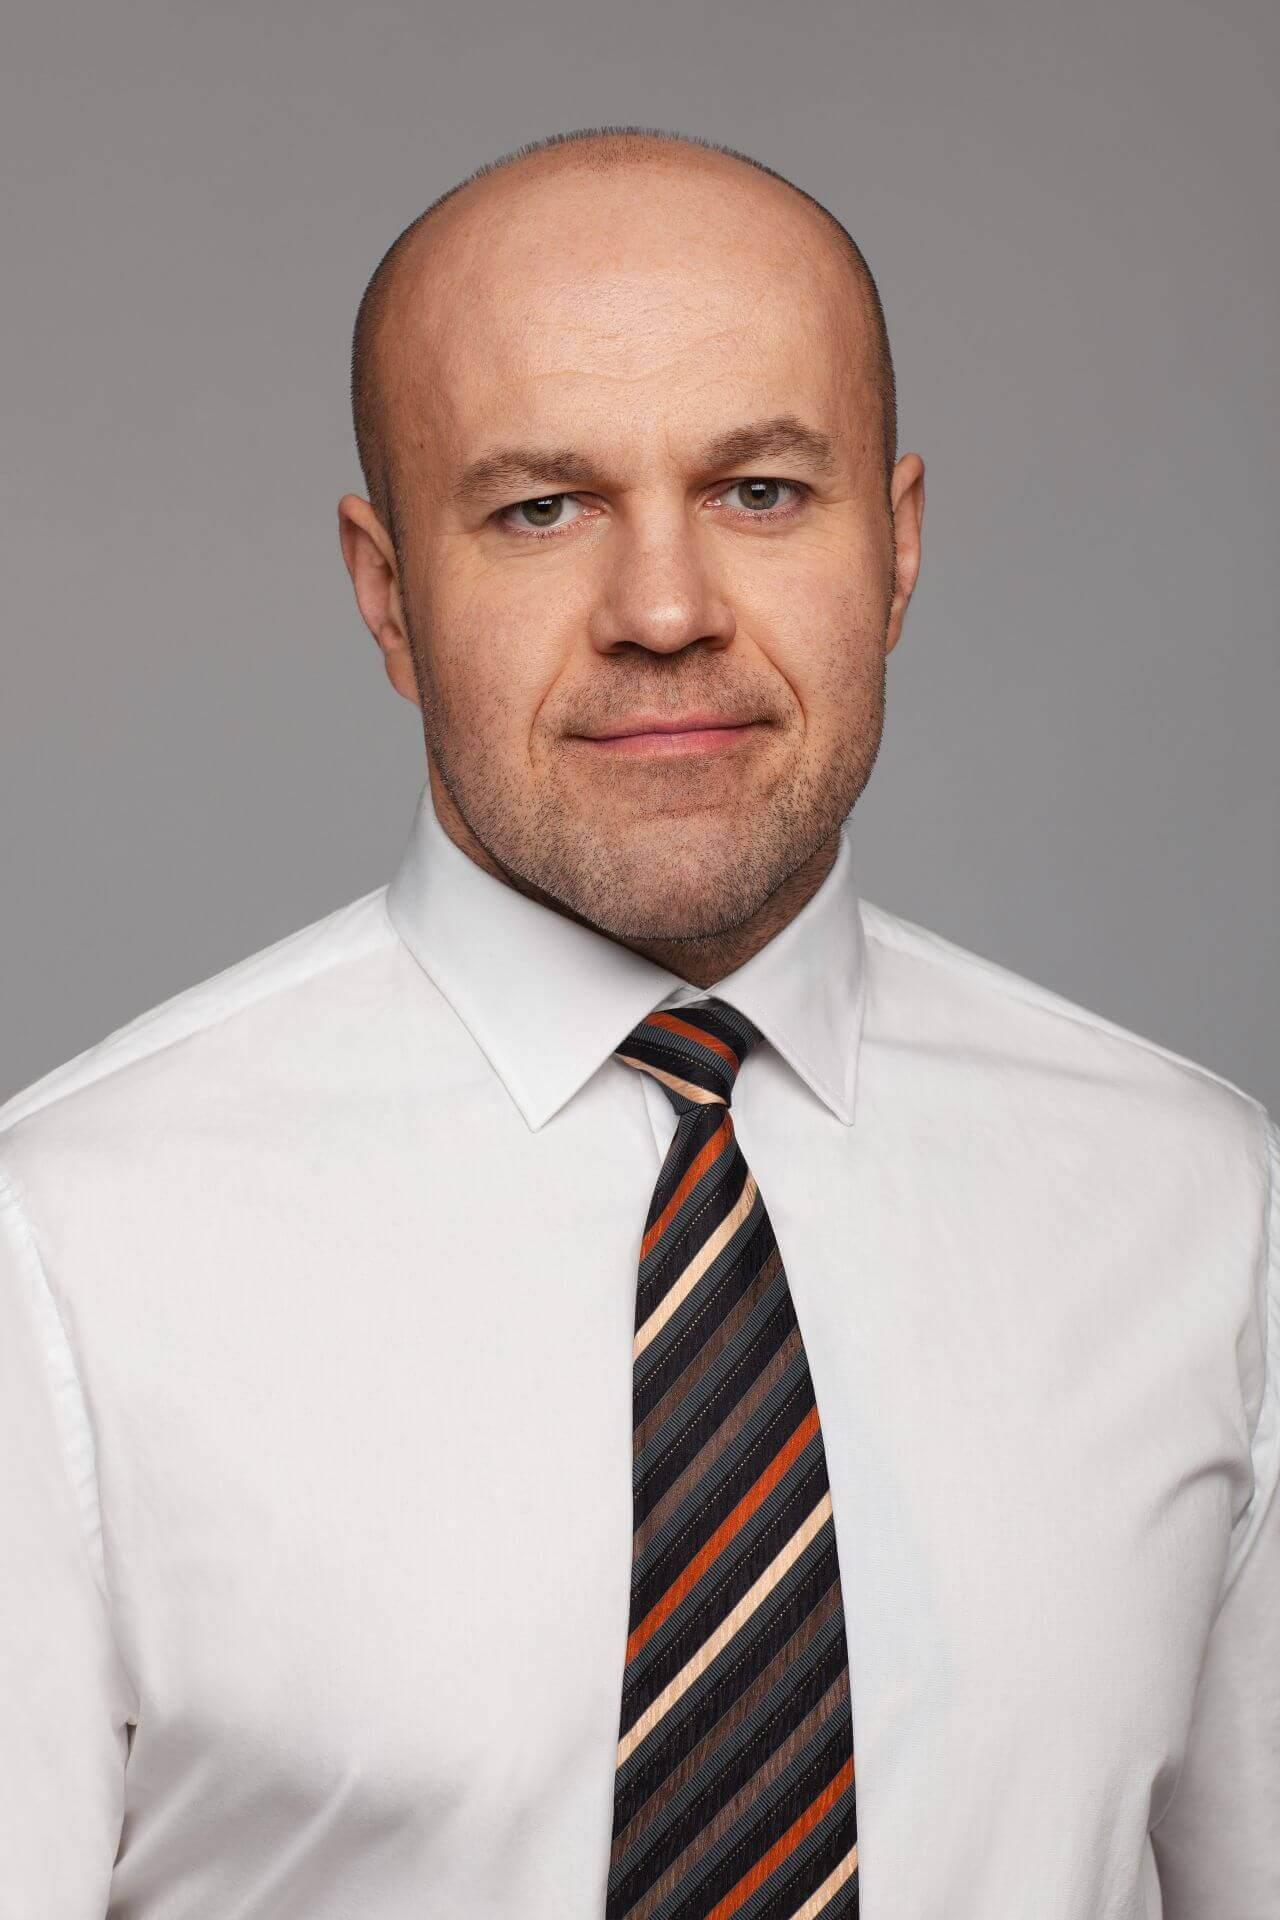 Andriy Tiutko